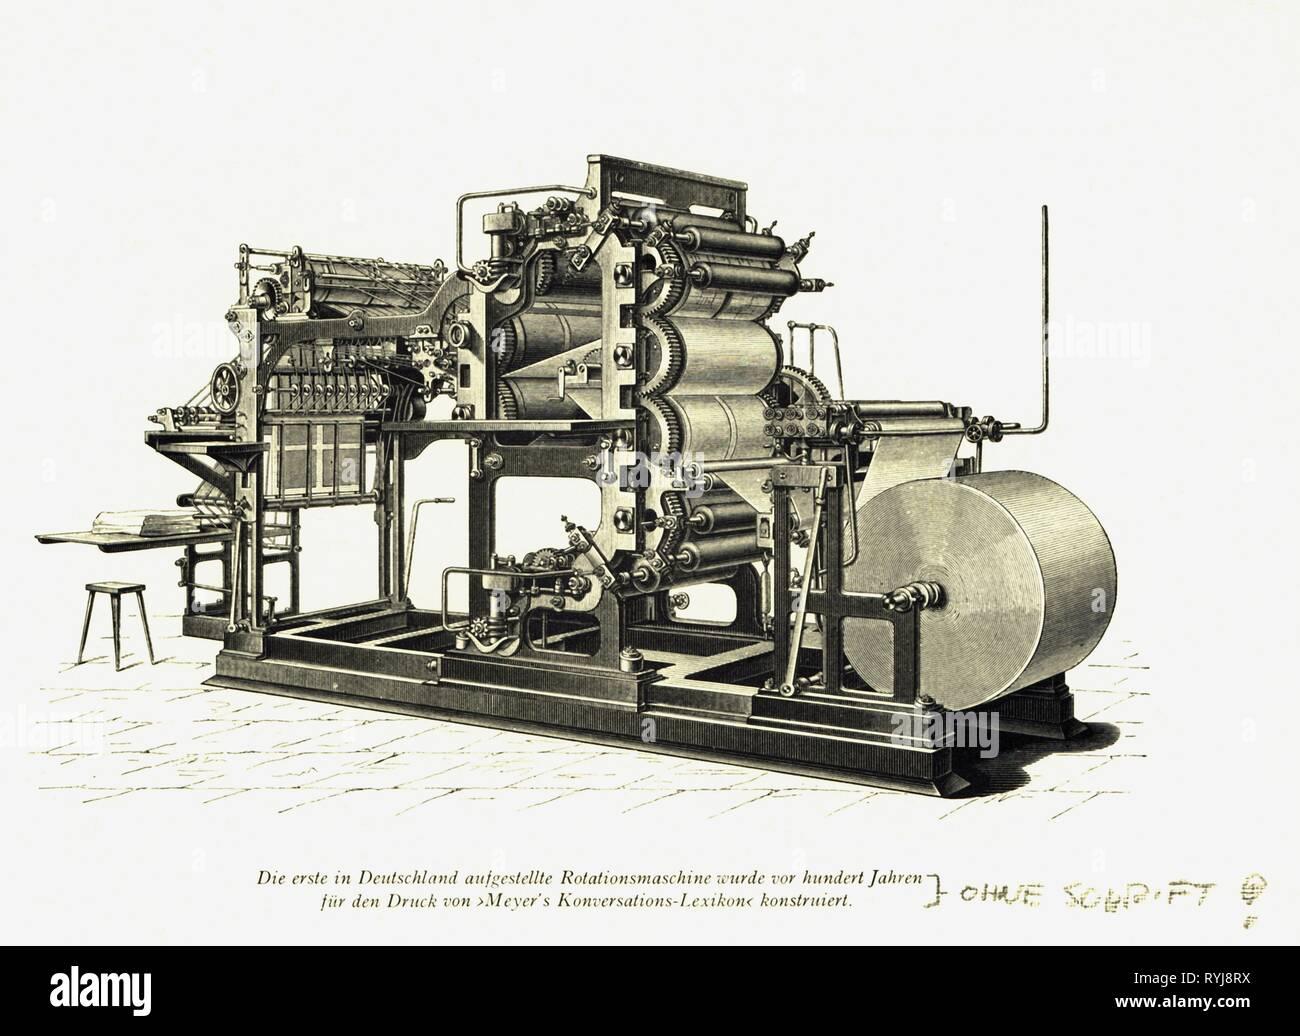 Technics, tipografia, pressa rotativa, Maschinenfabrik Augsburg-Nuernberg, 1880, incisione su legno, fine del XIX secolo, Additional-Rights-Clearance-Info-Not-Available Immagini Stock